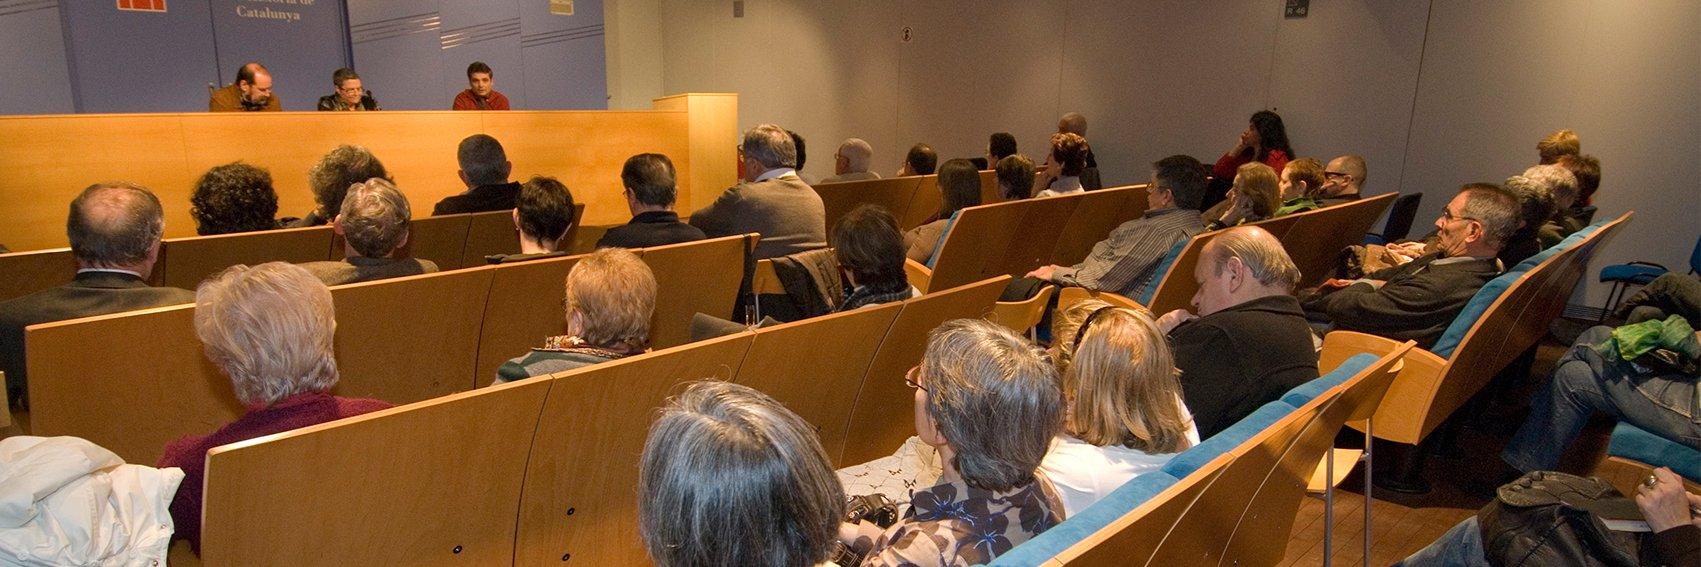 Seminari sobre Història de l'Art